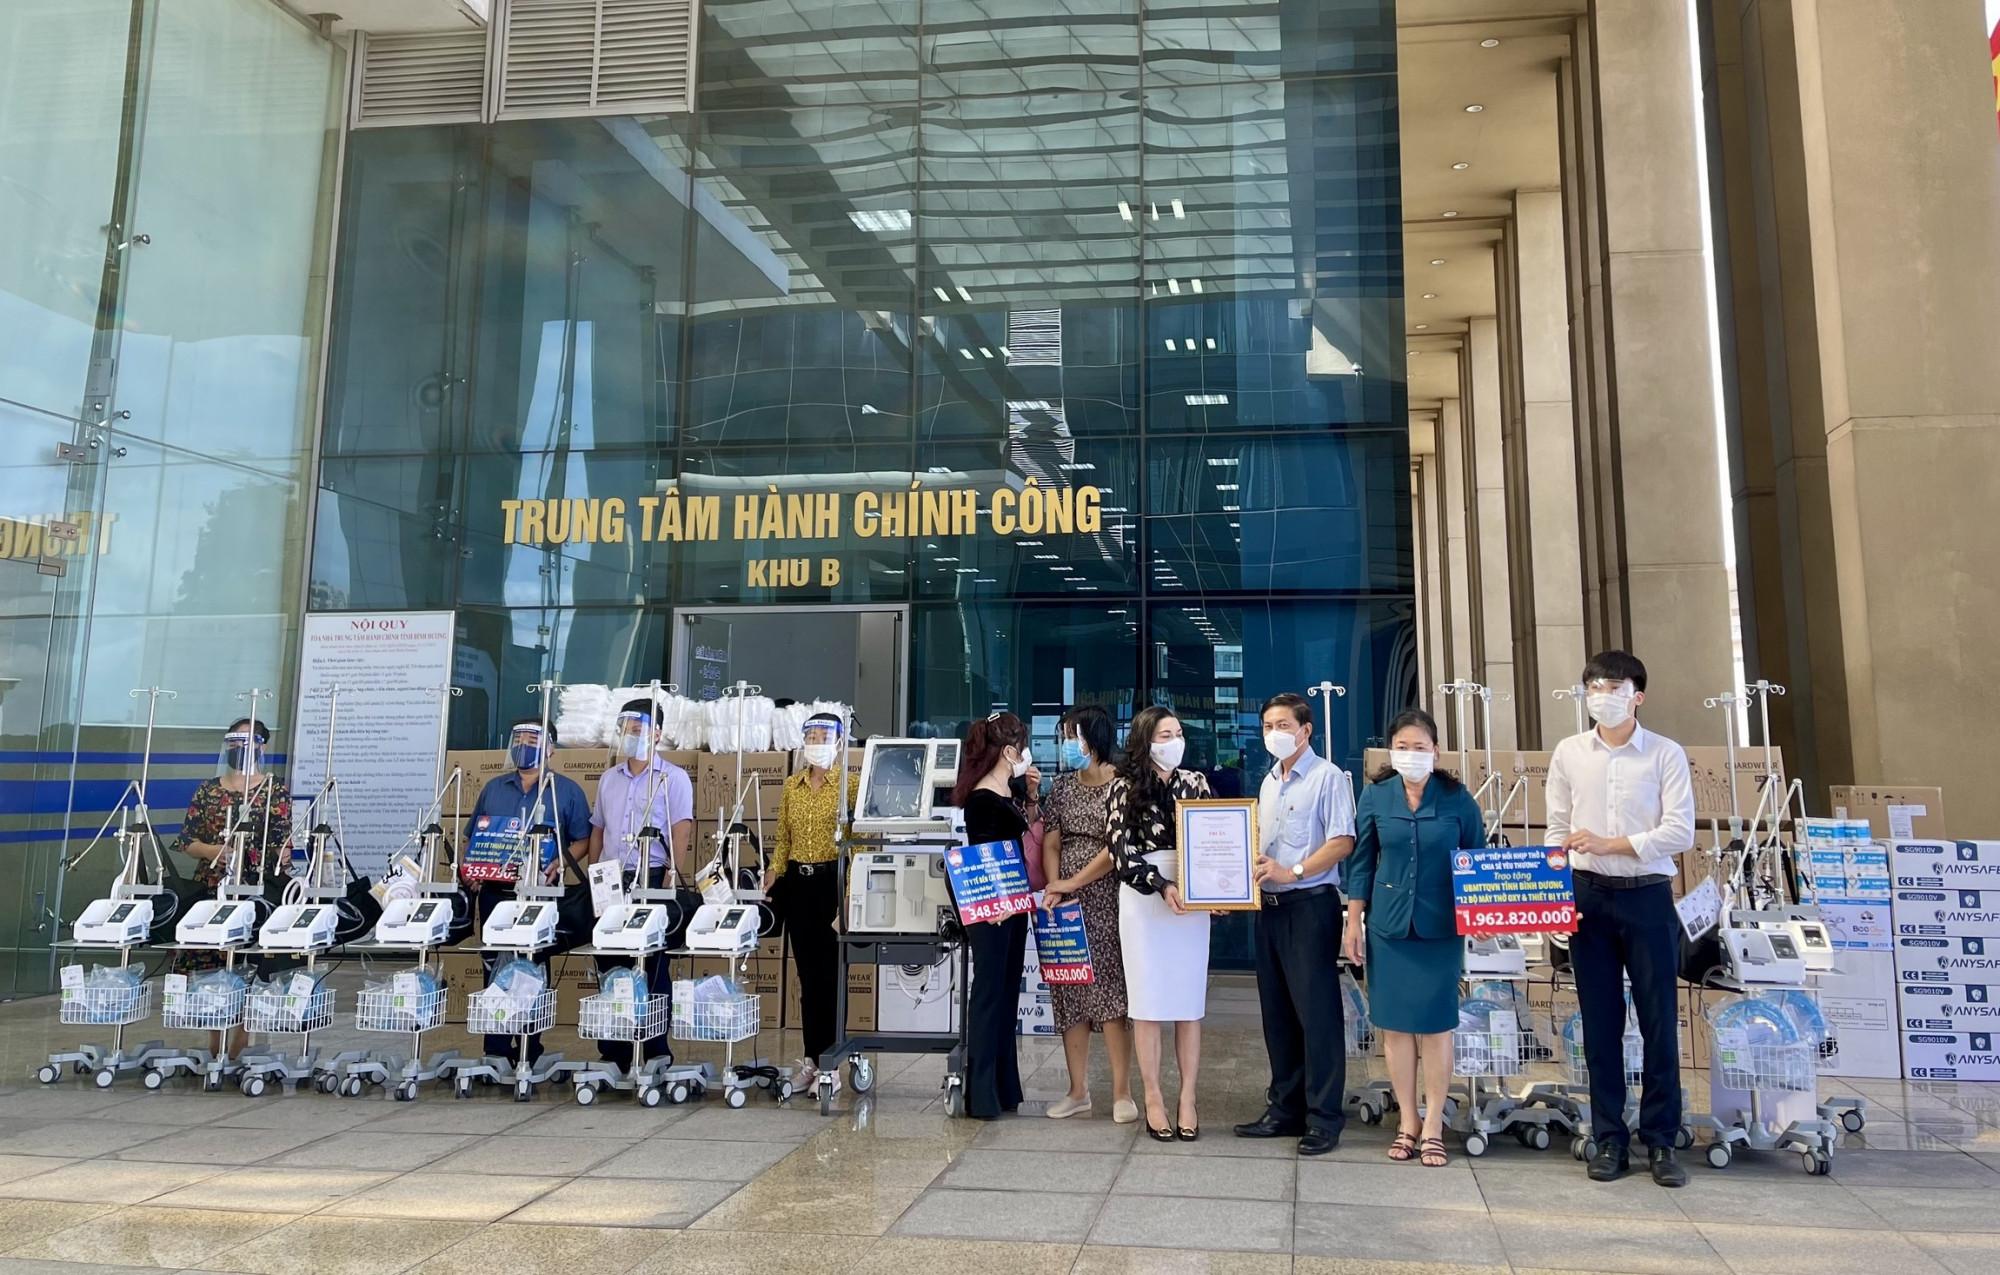 Quỹ từ thiện Kim Oanh đã ủng hộ tỉnh Bình Dưong 32 máy trợ thở với nhiều vật tư y tế có giá trị - Ảnh: Kim Oanh Group